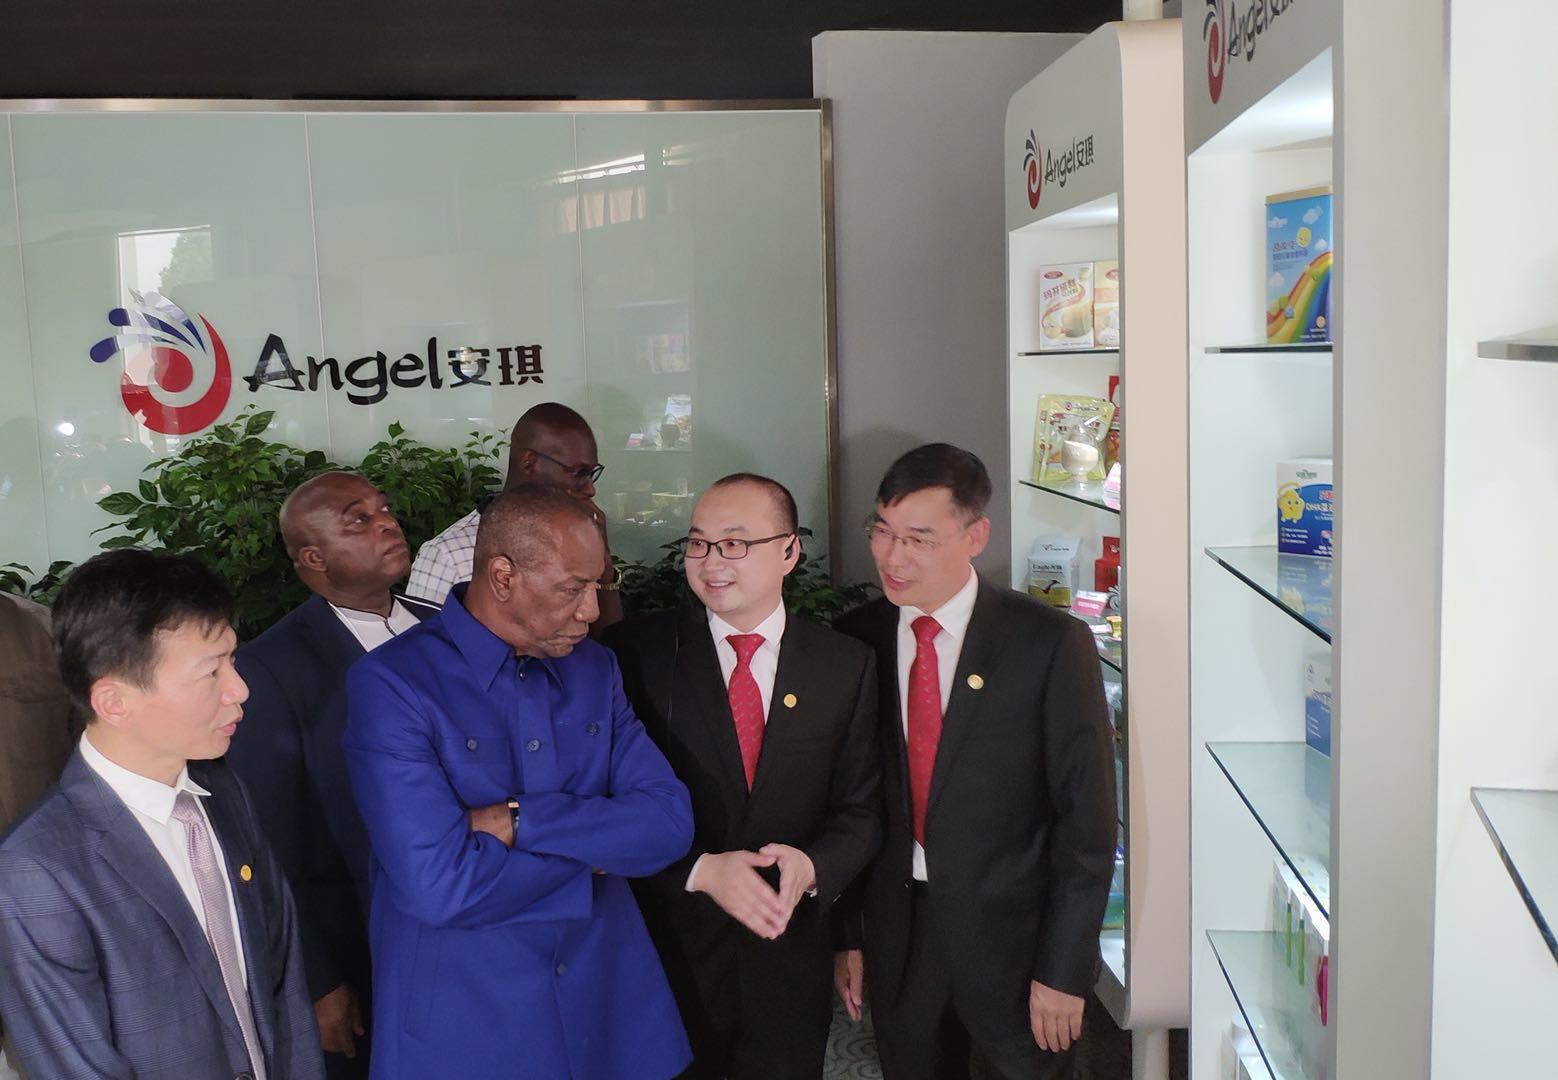 几内亚总统孔戴:让安琪产品惠及更多几内亚人民